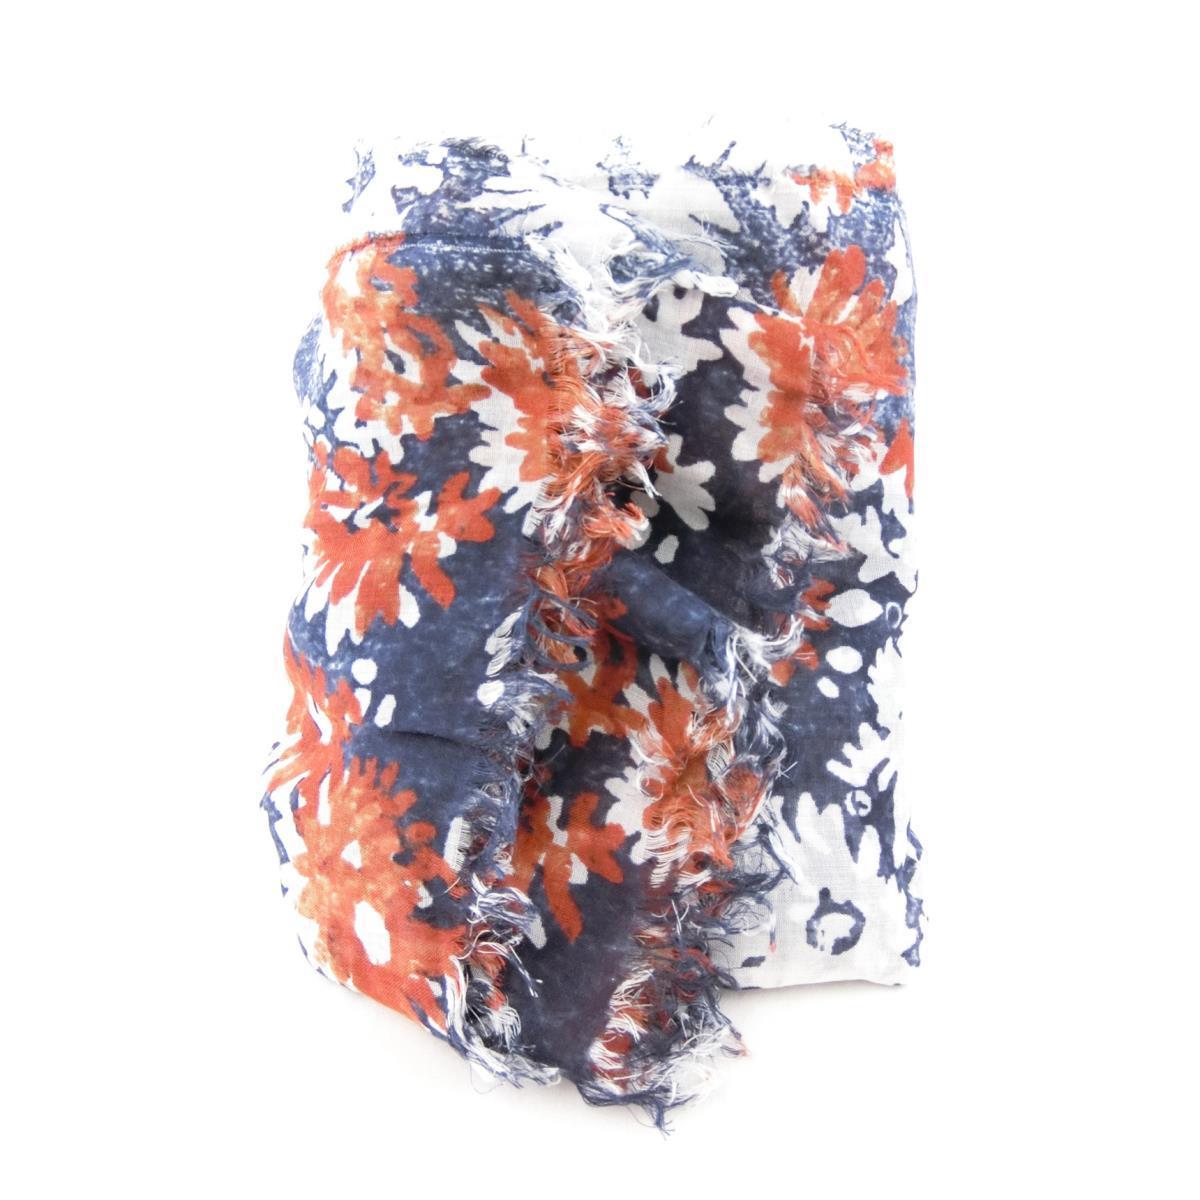 ステラマッカートニー STELLA MCCARTNEY STELLA STOLE【中古】, アーロンチェア by THE CHAIR SHOP:e85044e1 --- officewill.xsrv.jp